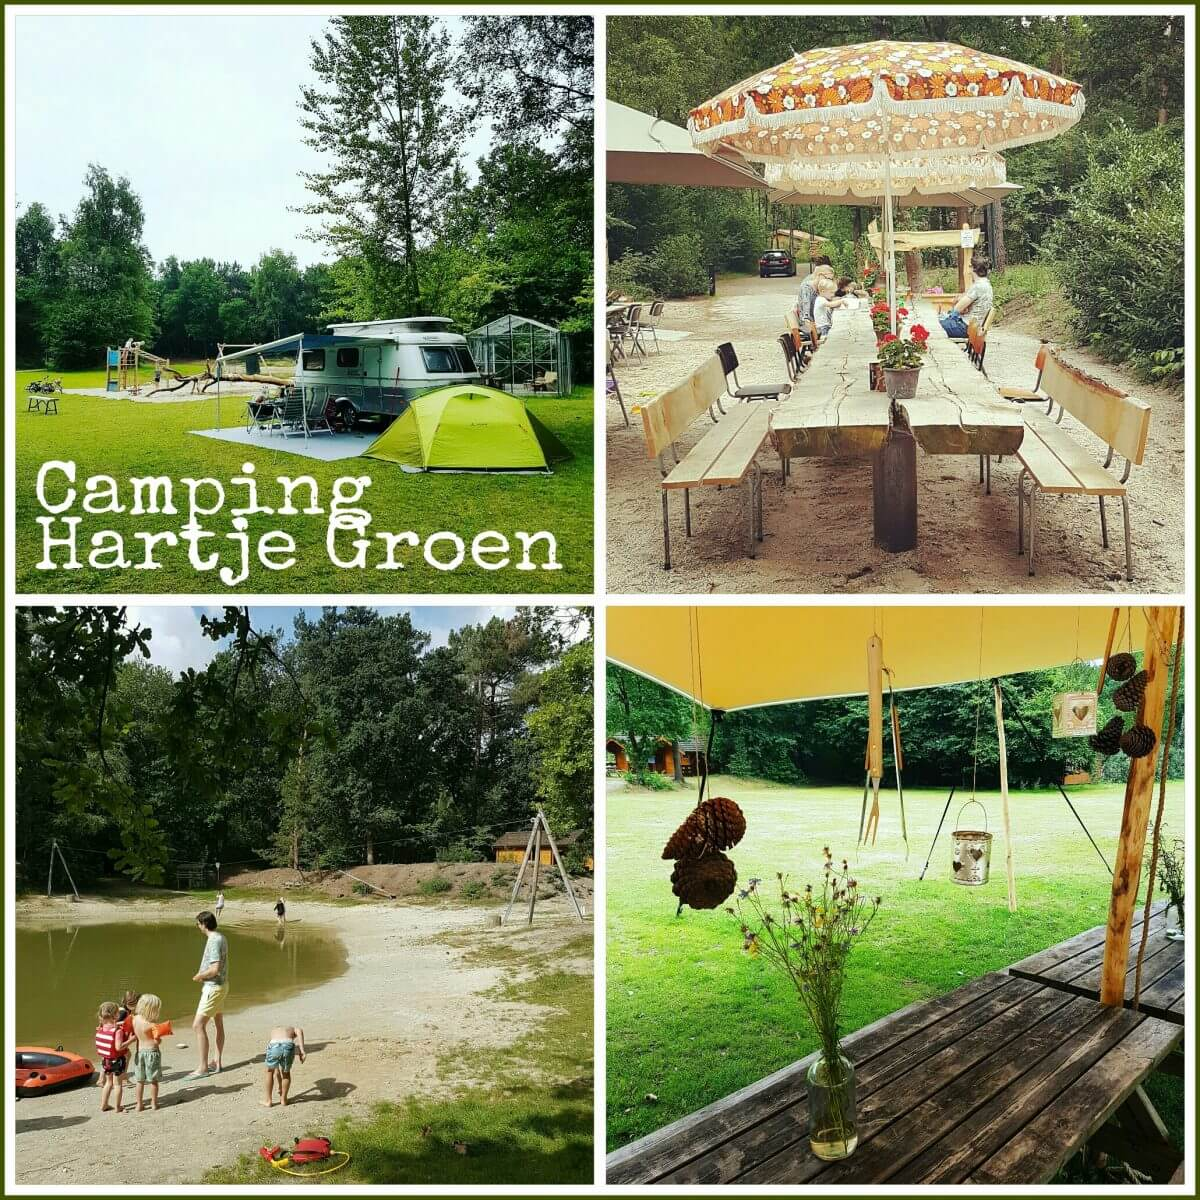 Camping Hartje Groen in Brabant bij Schaik Oss Den Bosch en Nijmegen